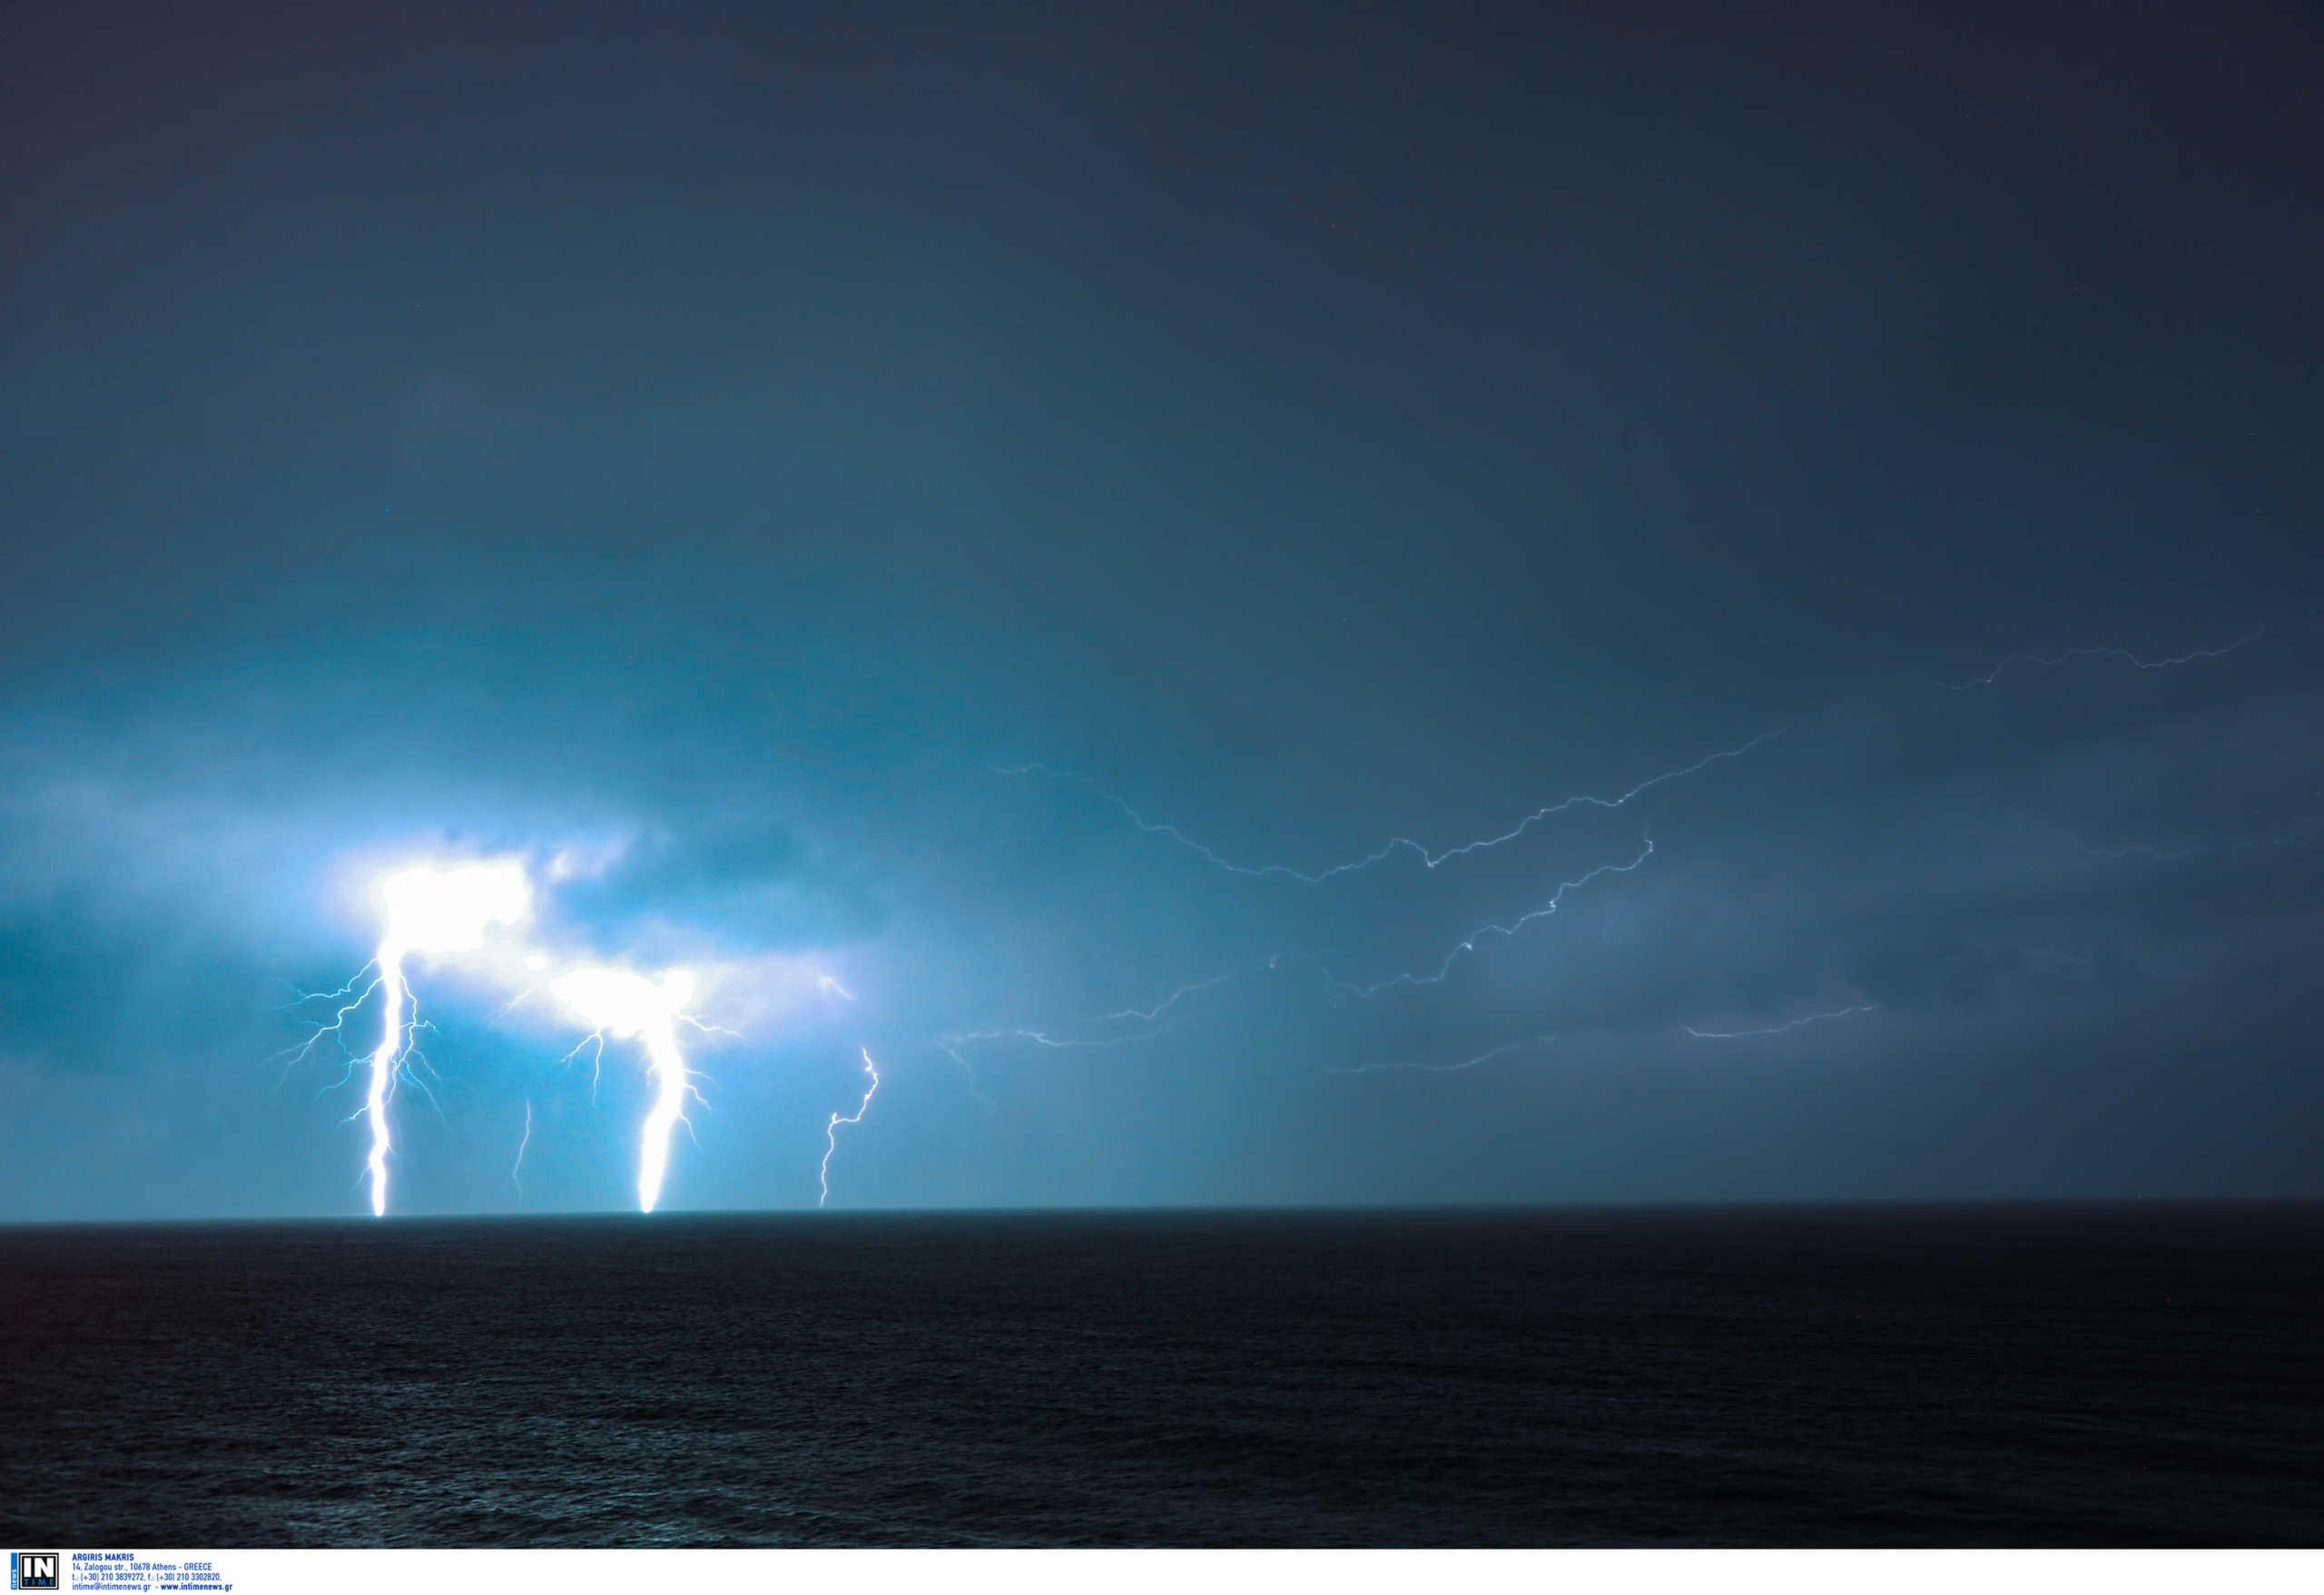 Καιρός: Άνοιξαν οι ουρανοί – Σφοδρές καταιγίδες και 1.600 κεραυνοί μέσα σε λίγες ώρες